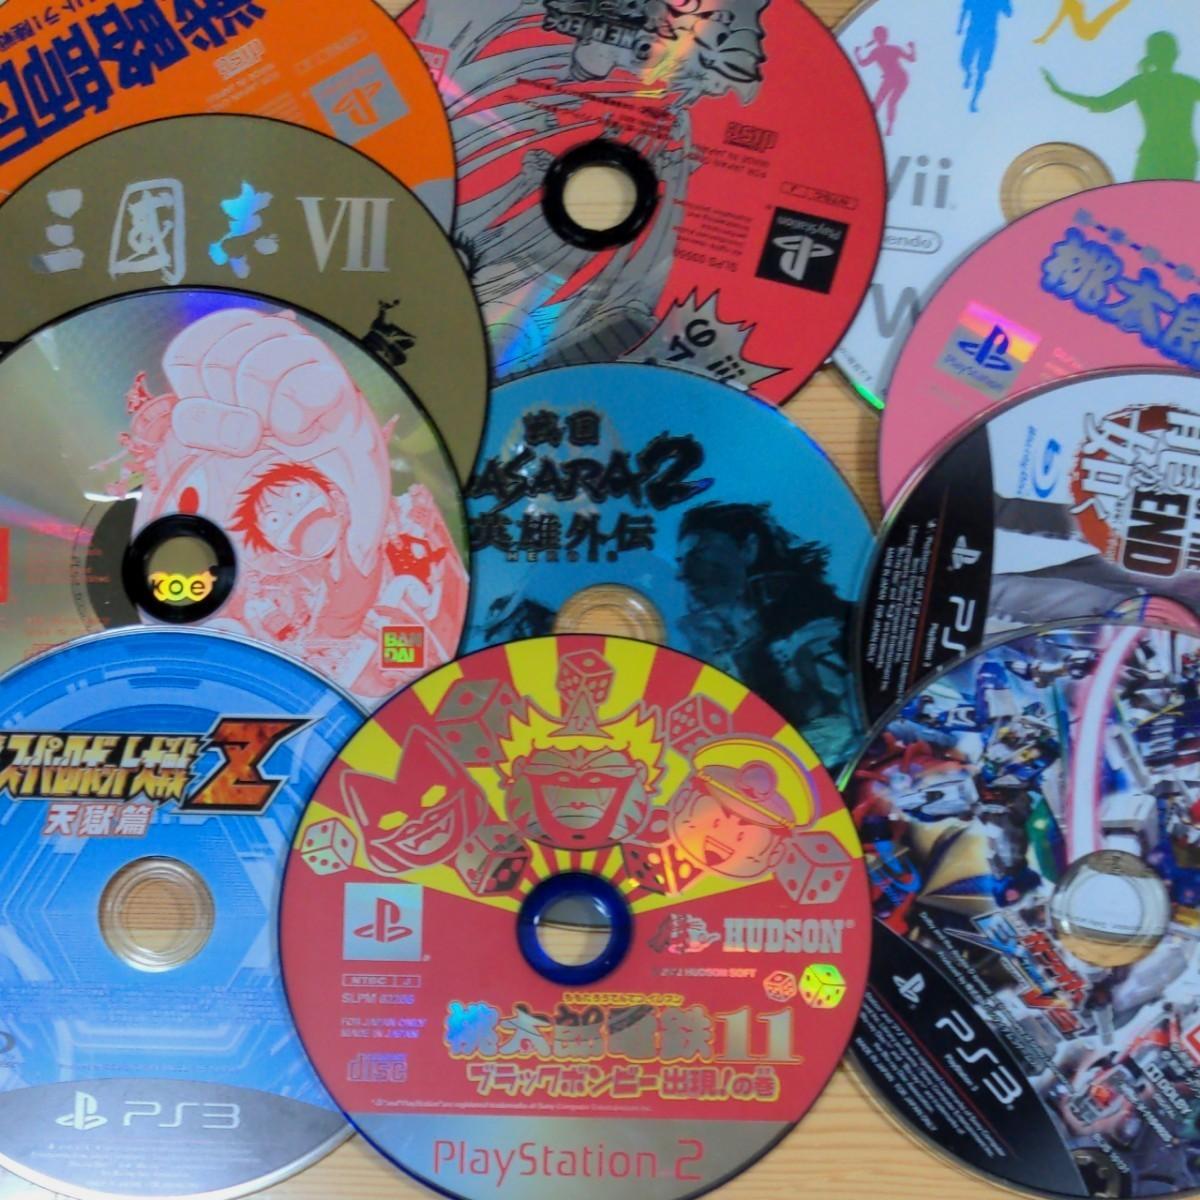 プレイステーション5枚PS2ソフト2枚Wii1枚!PS3・3枚まとめ売り。全11枚です。